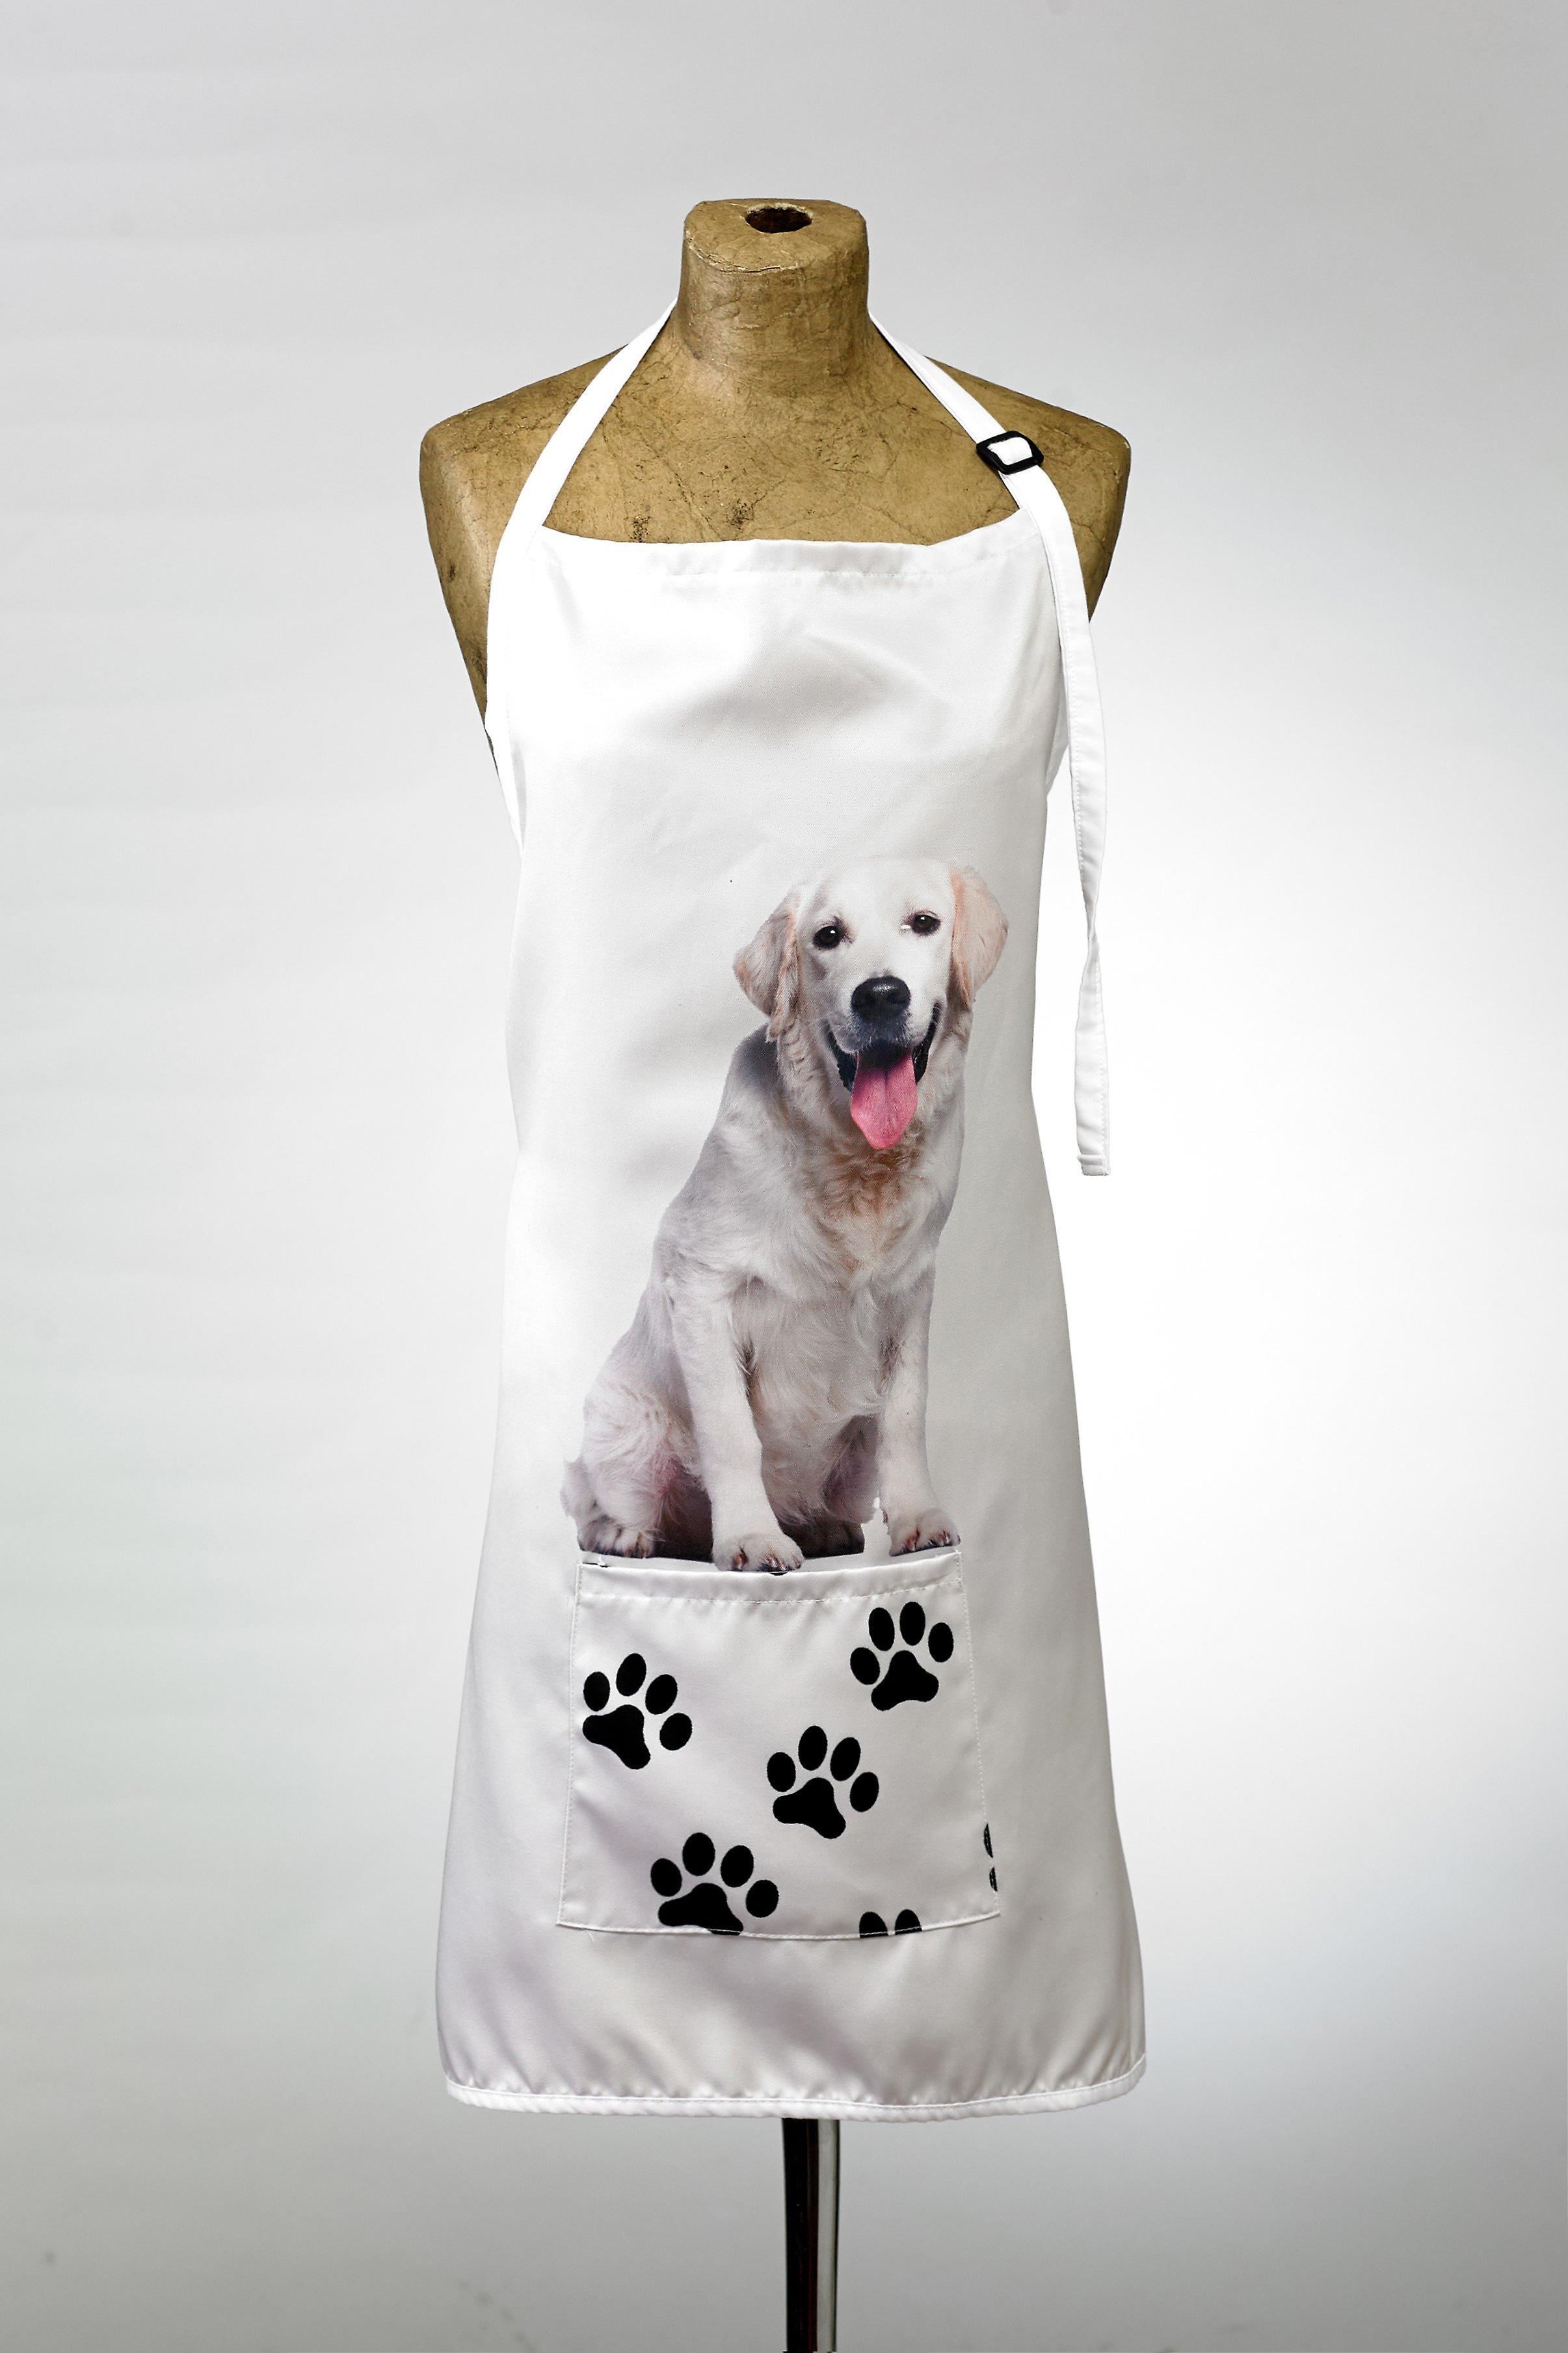 Adorable golden retriever design apron